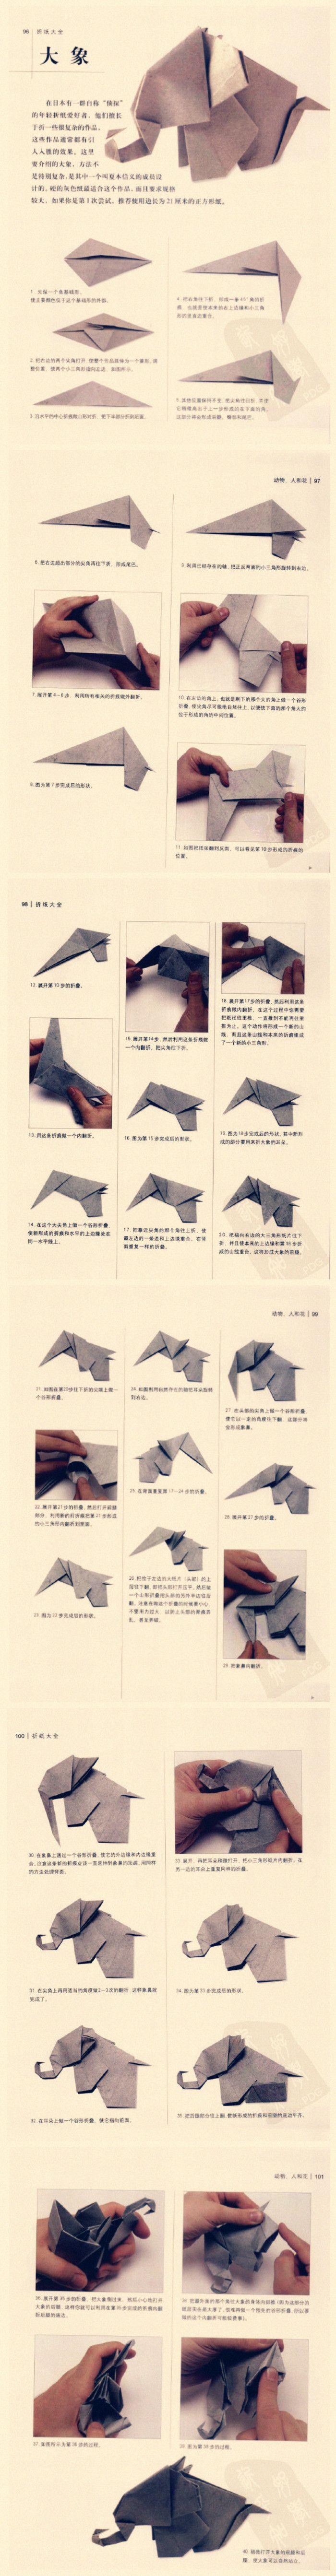 62 Best Images About Papier Stempel On Pinterest 3d Origami Peacock Diagram Stick Tail D Album Jimena Papel